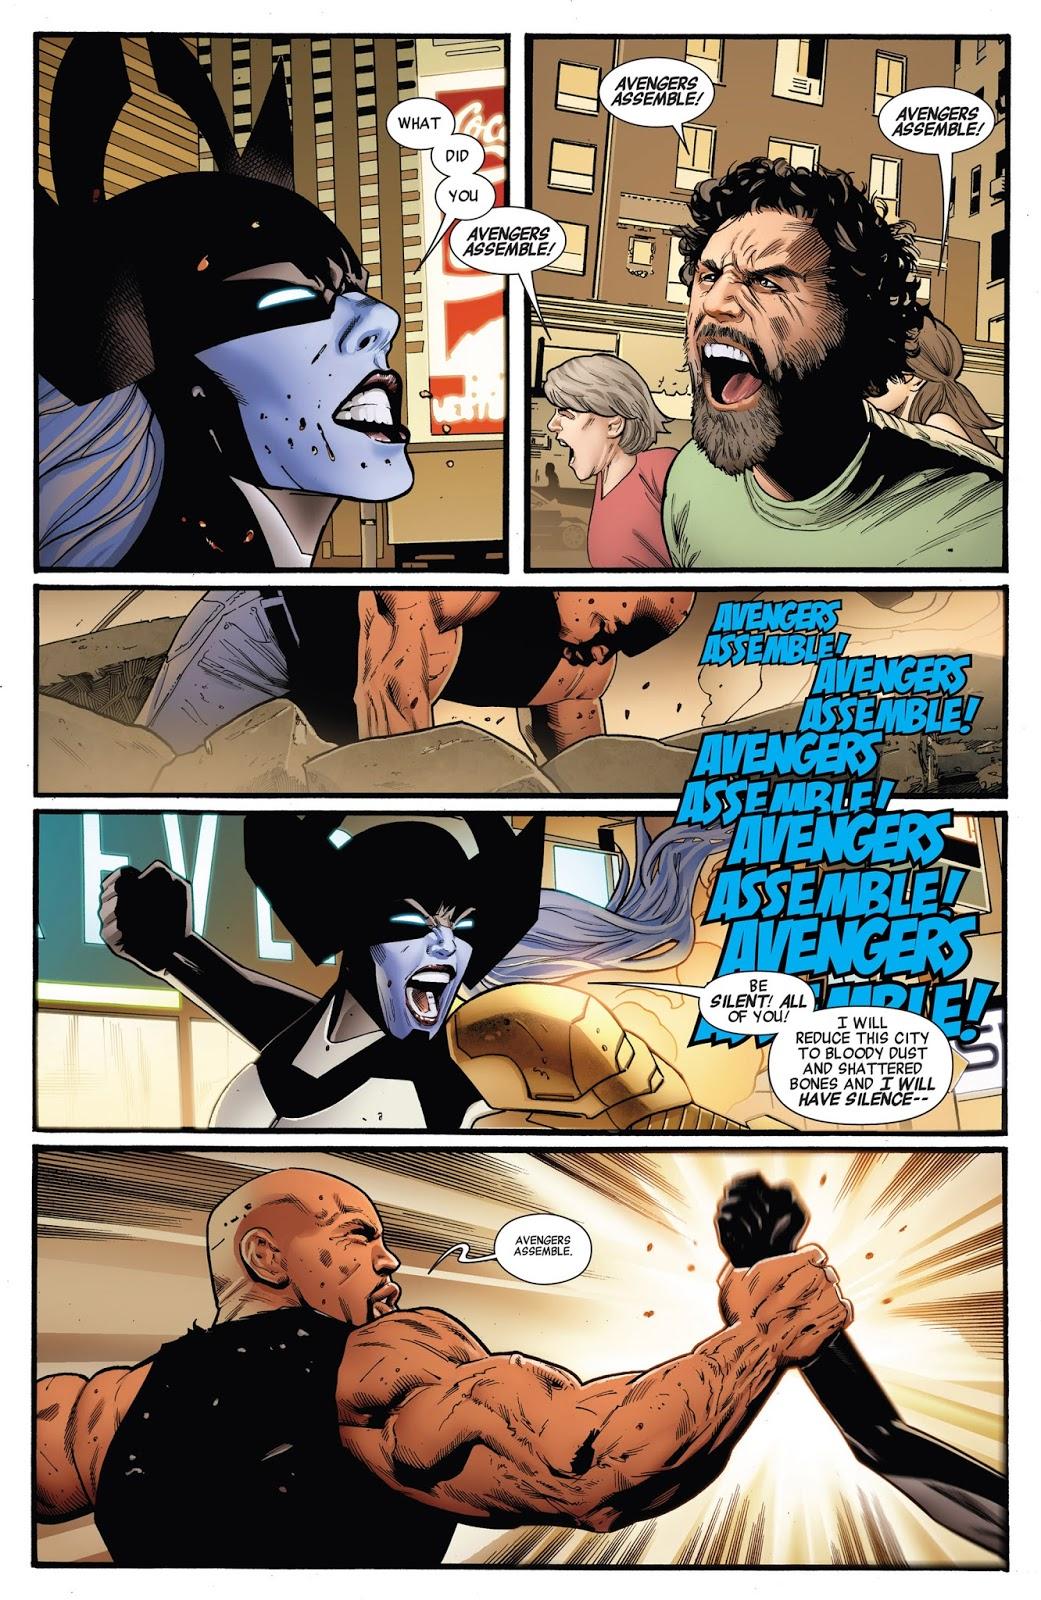 Comicsverse 101: Dieci momenti clamorosi a fumetti (Top 10)